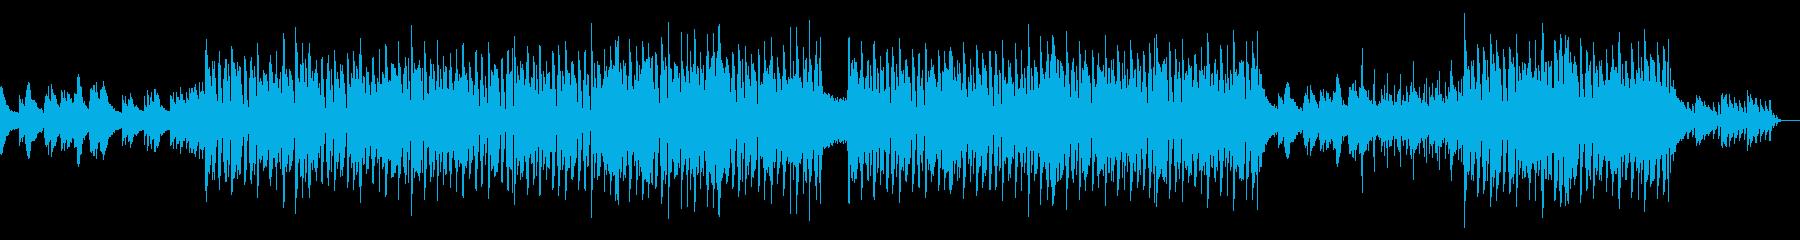 ポップ テクノ アンビエント 感情...の再生済みの波形